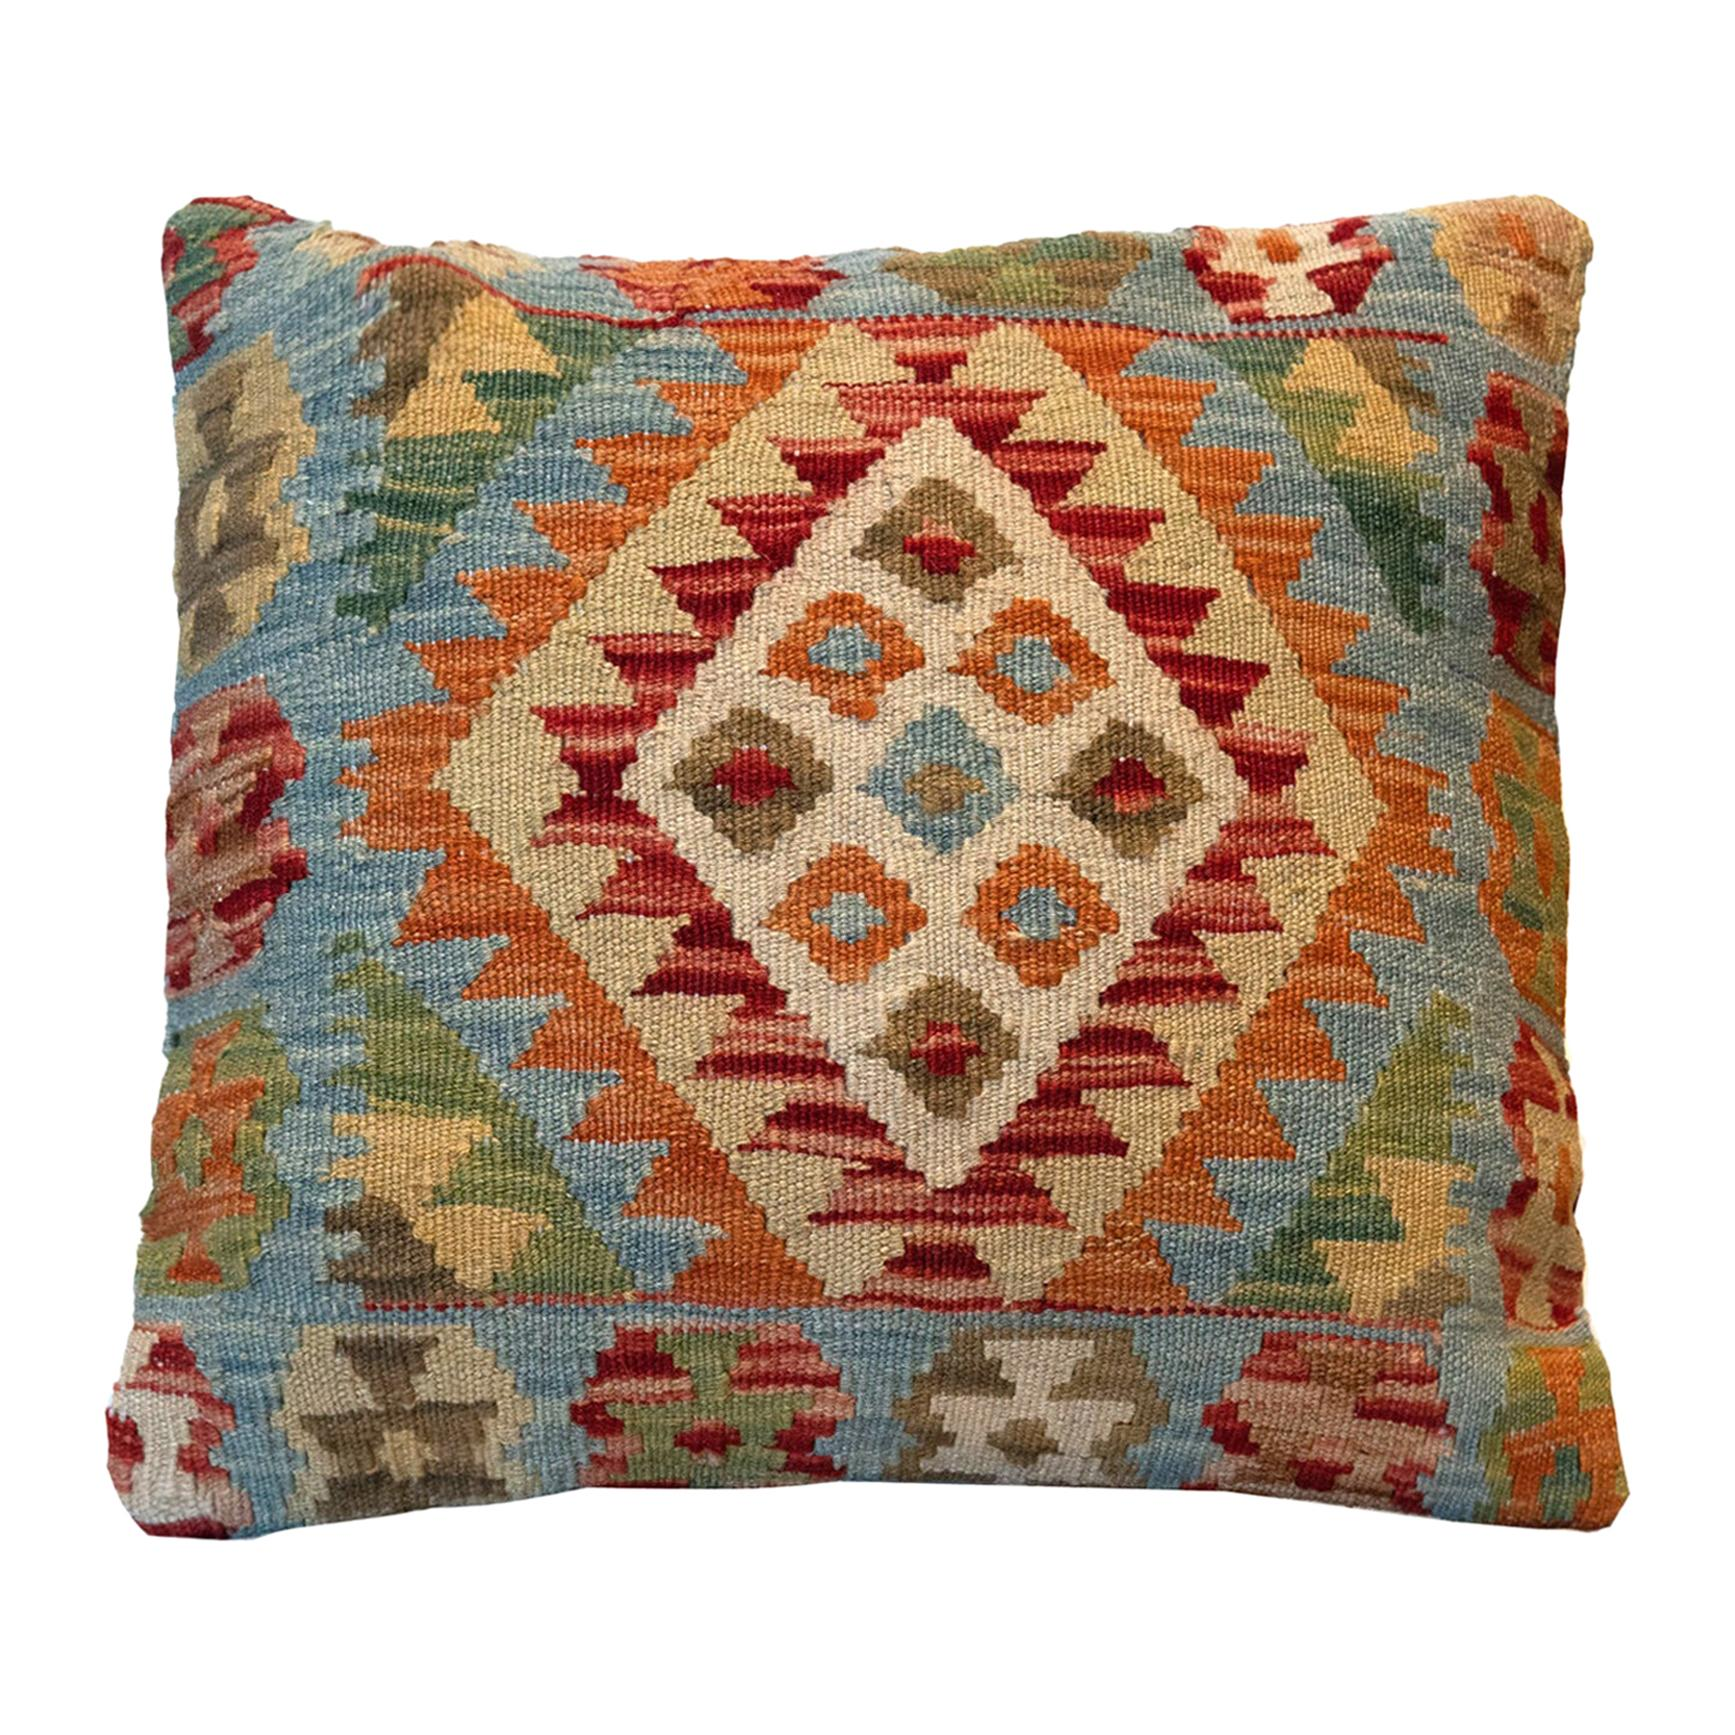 Wool Kilim Cushion Cover, Farmhouse Oriental Blue Pillow Case Orange